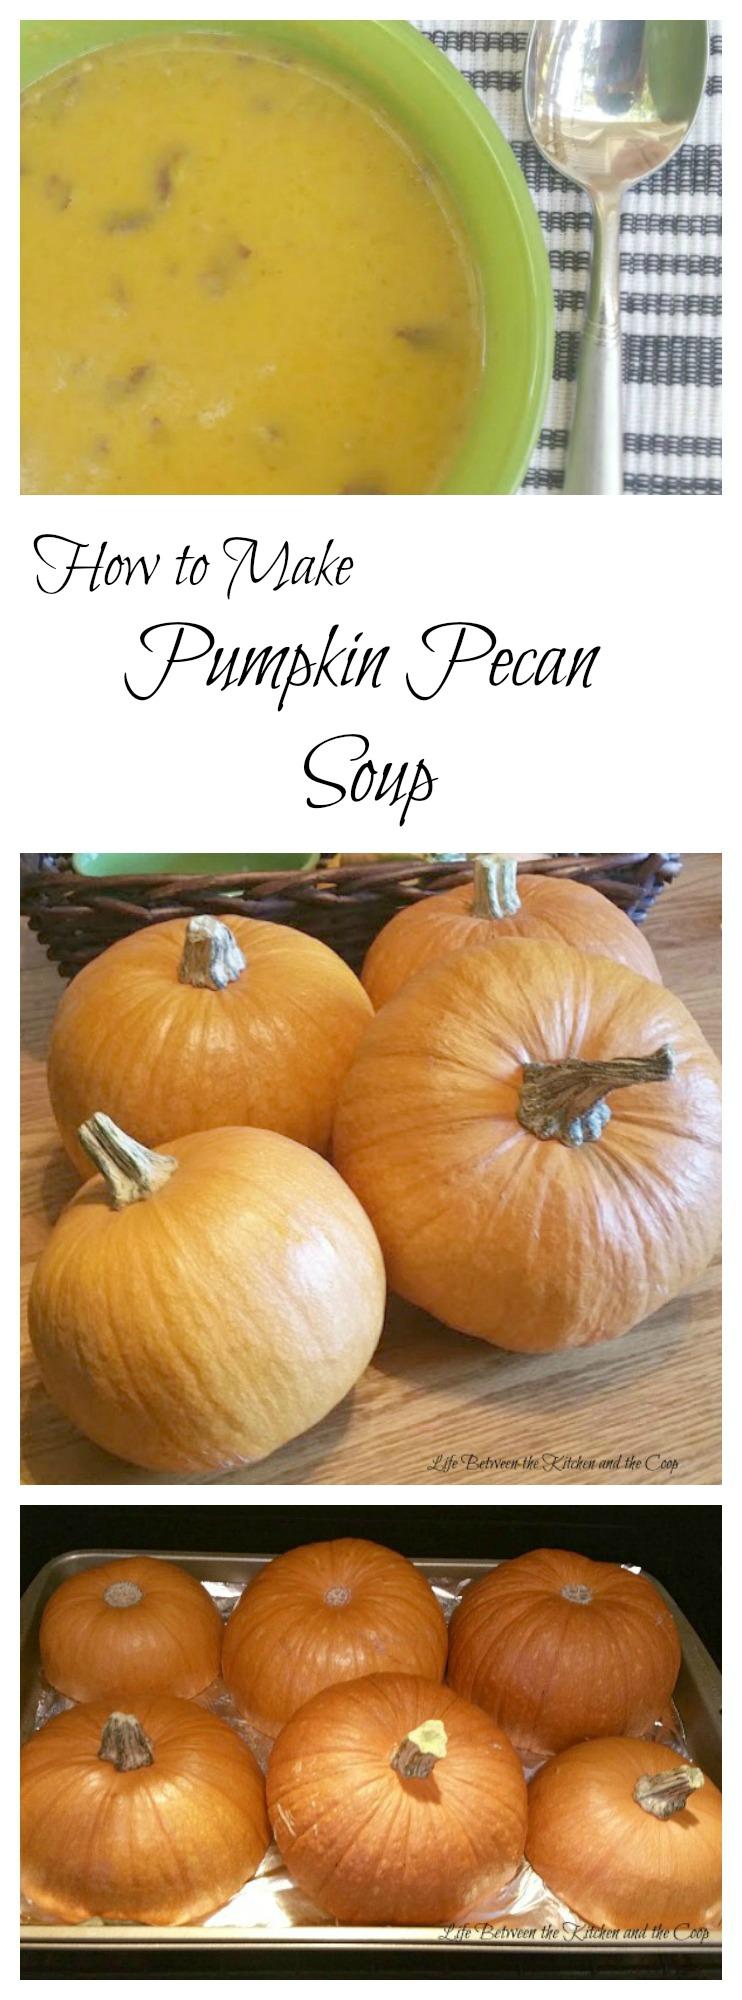 pumpkin pecan soup